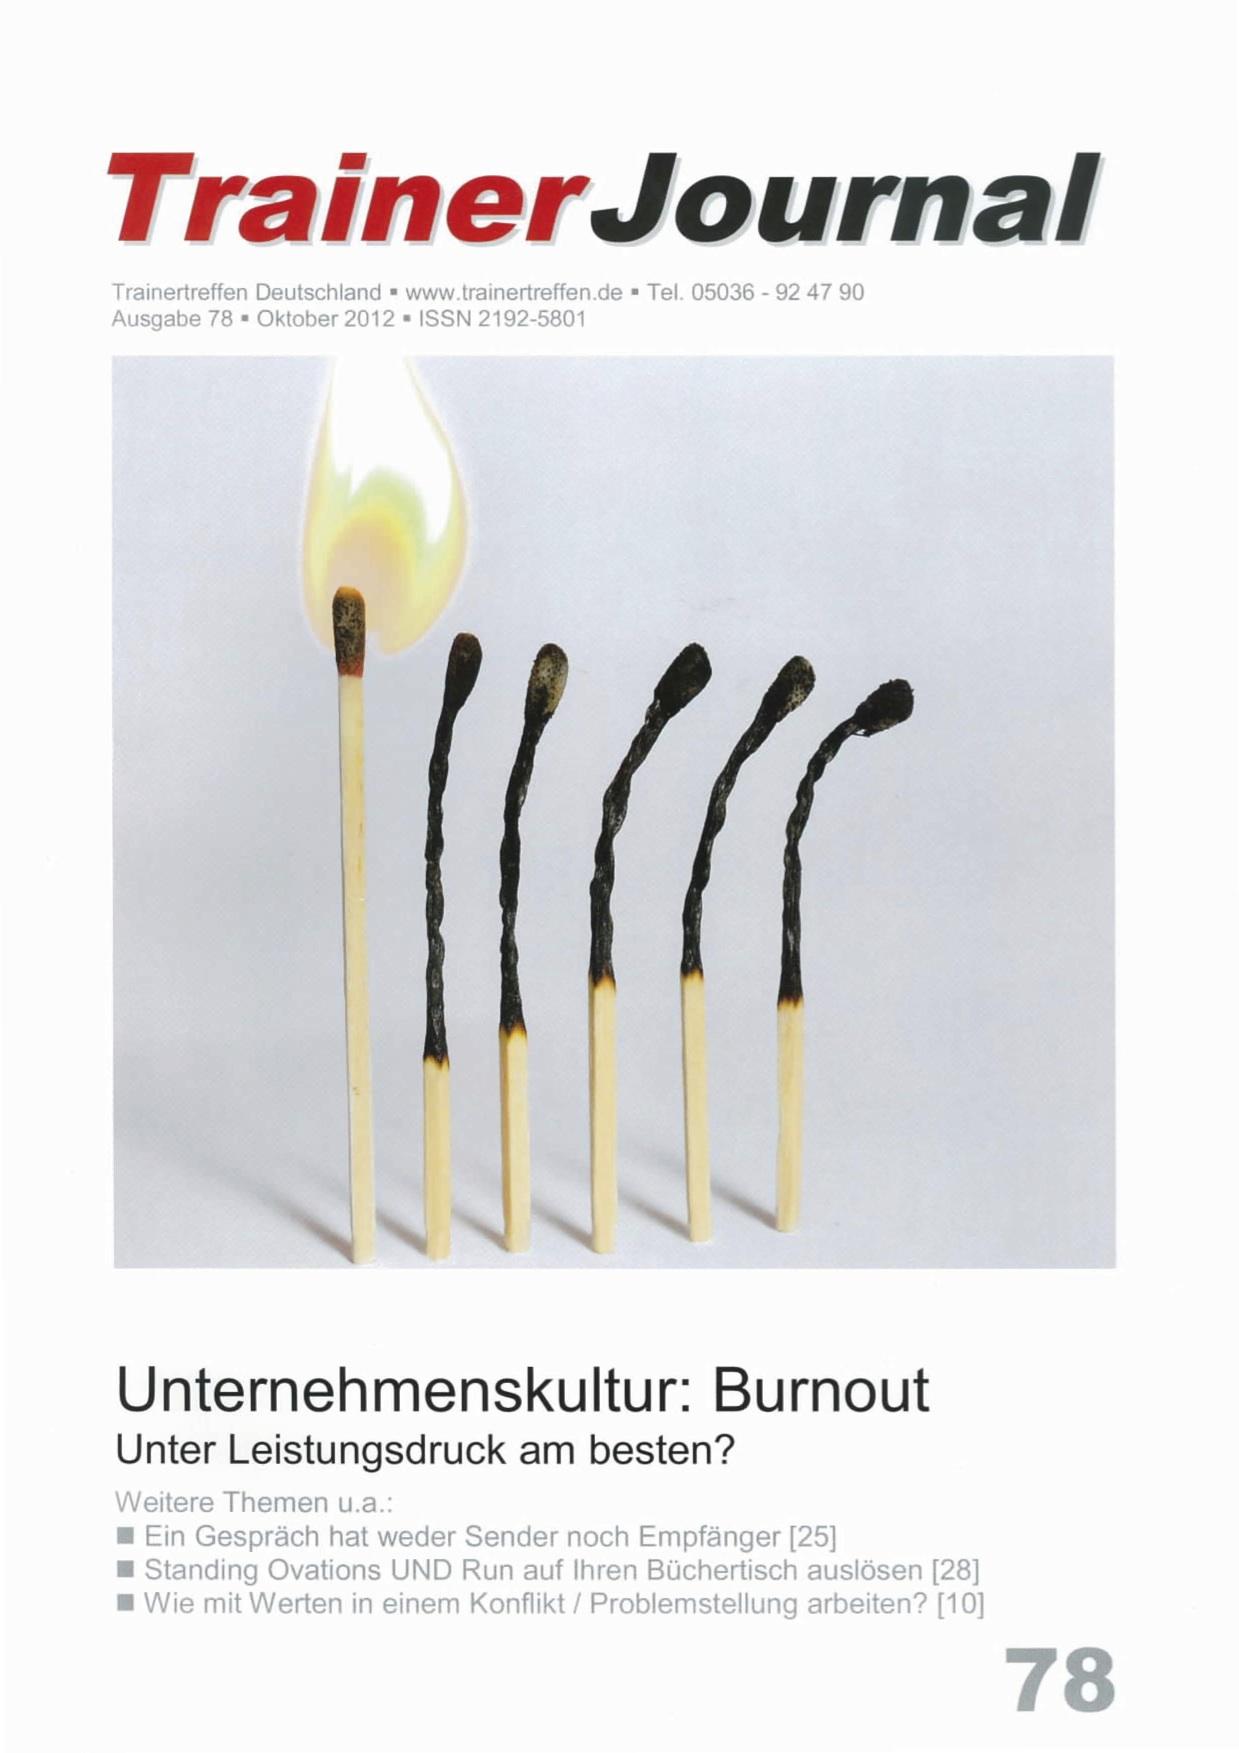 TrainerJournal - Ausgabe Oktober 2012